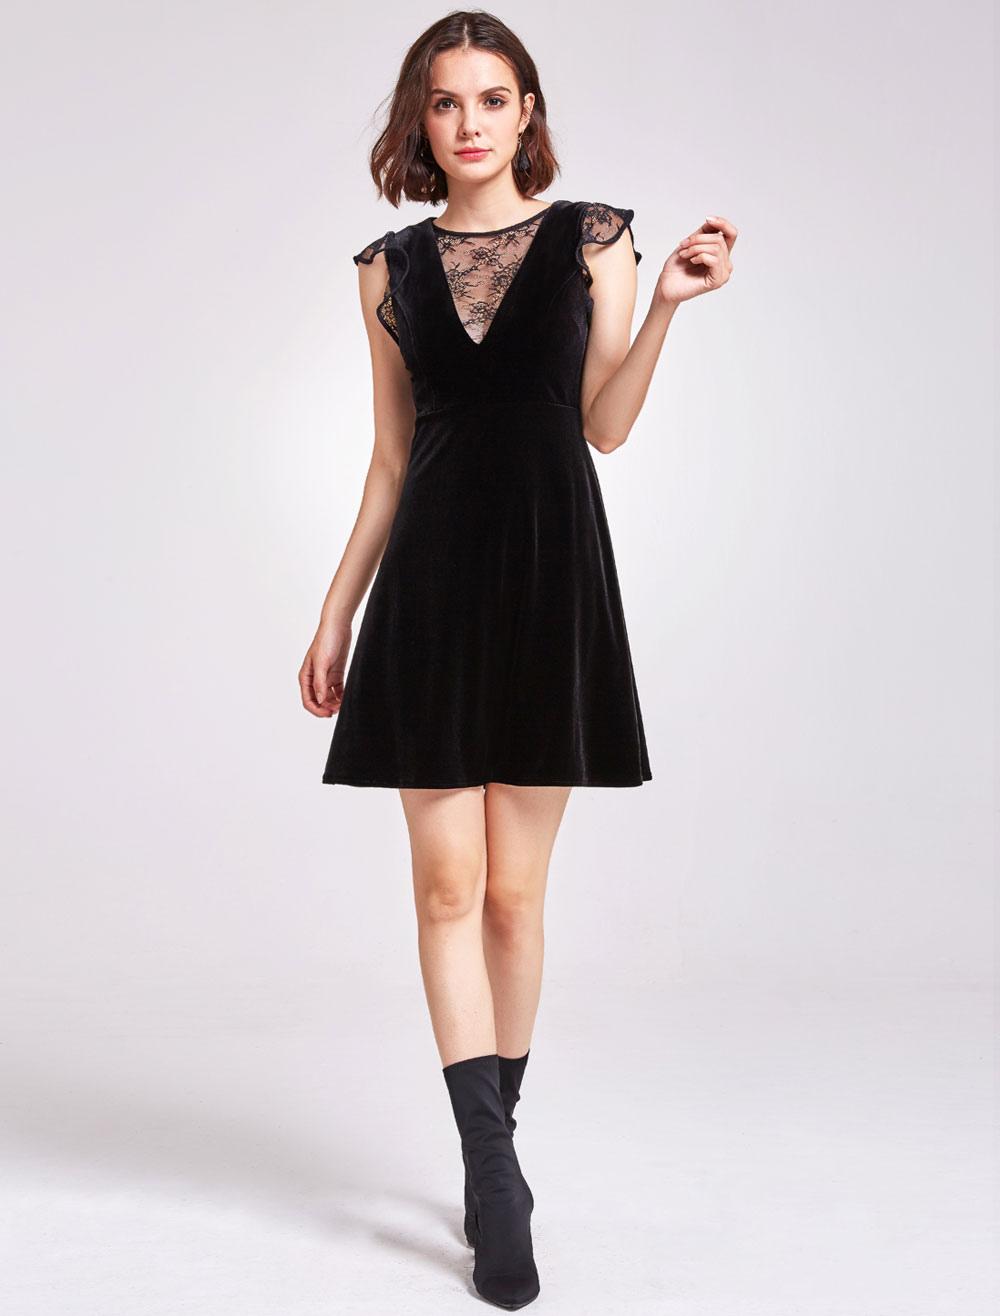 Buy Little Black Dresses Velvet V Neck Illusion Sleeveless Short Cocktail Party Dresses for $57.19 in Milanoo store